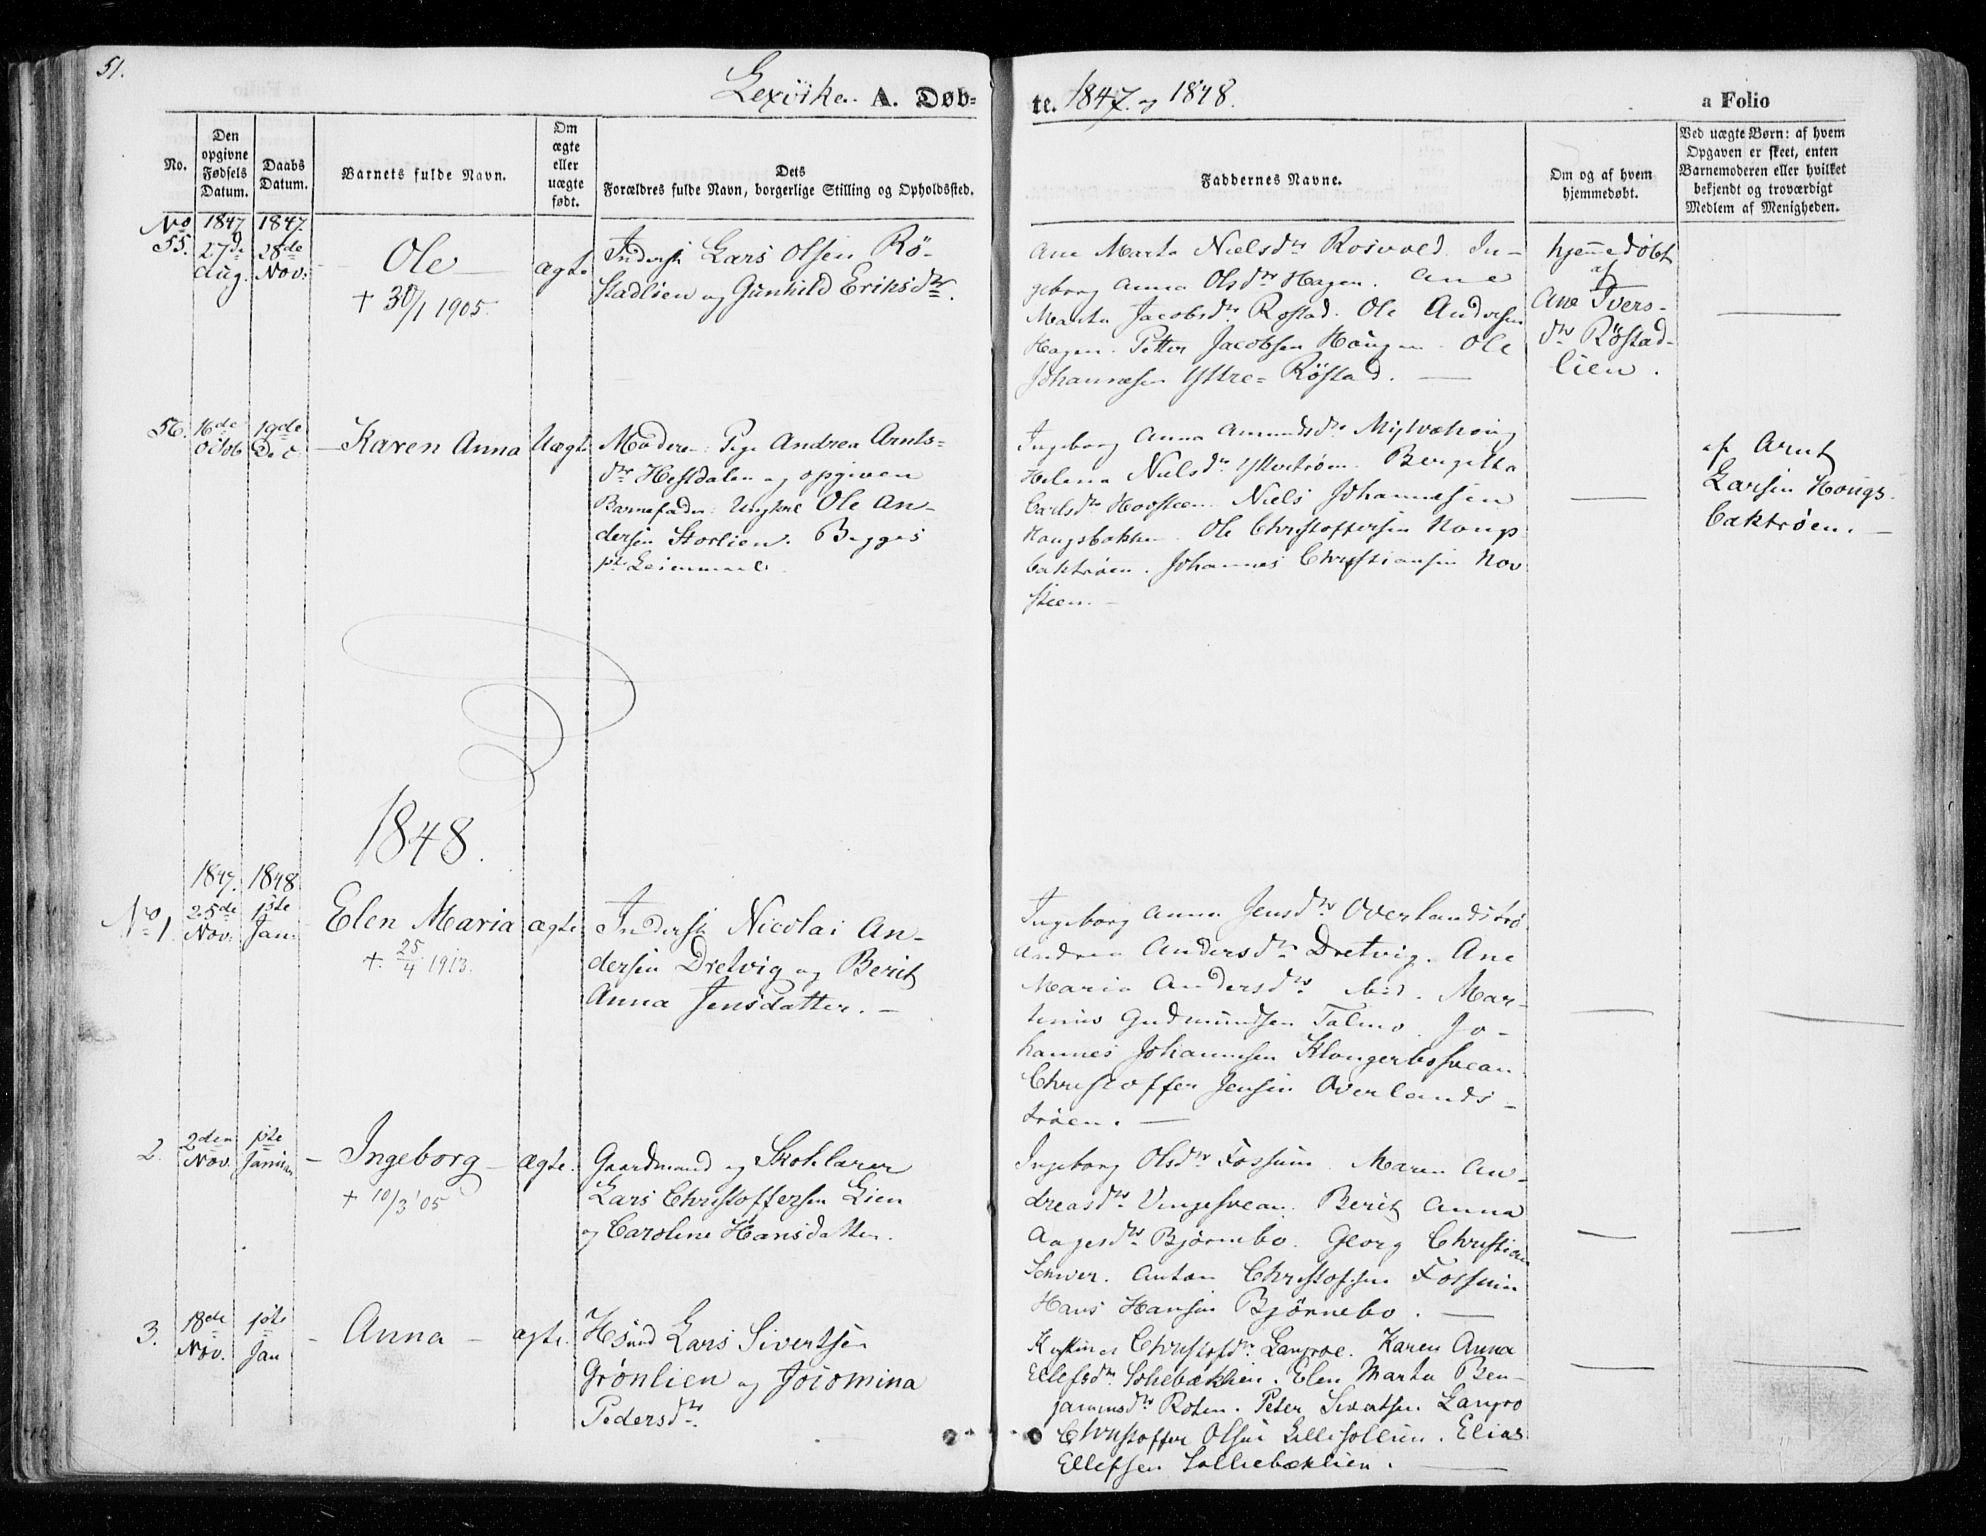 SAT, Ministerialprotokoller, klokkerbøker og fødselsregistre - Nord-Trøndelag, 701/L0007: Parish register (official) no. 701A07 /1, 1842-1854, p. 51